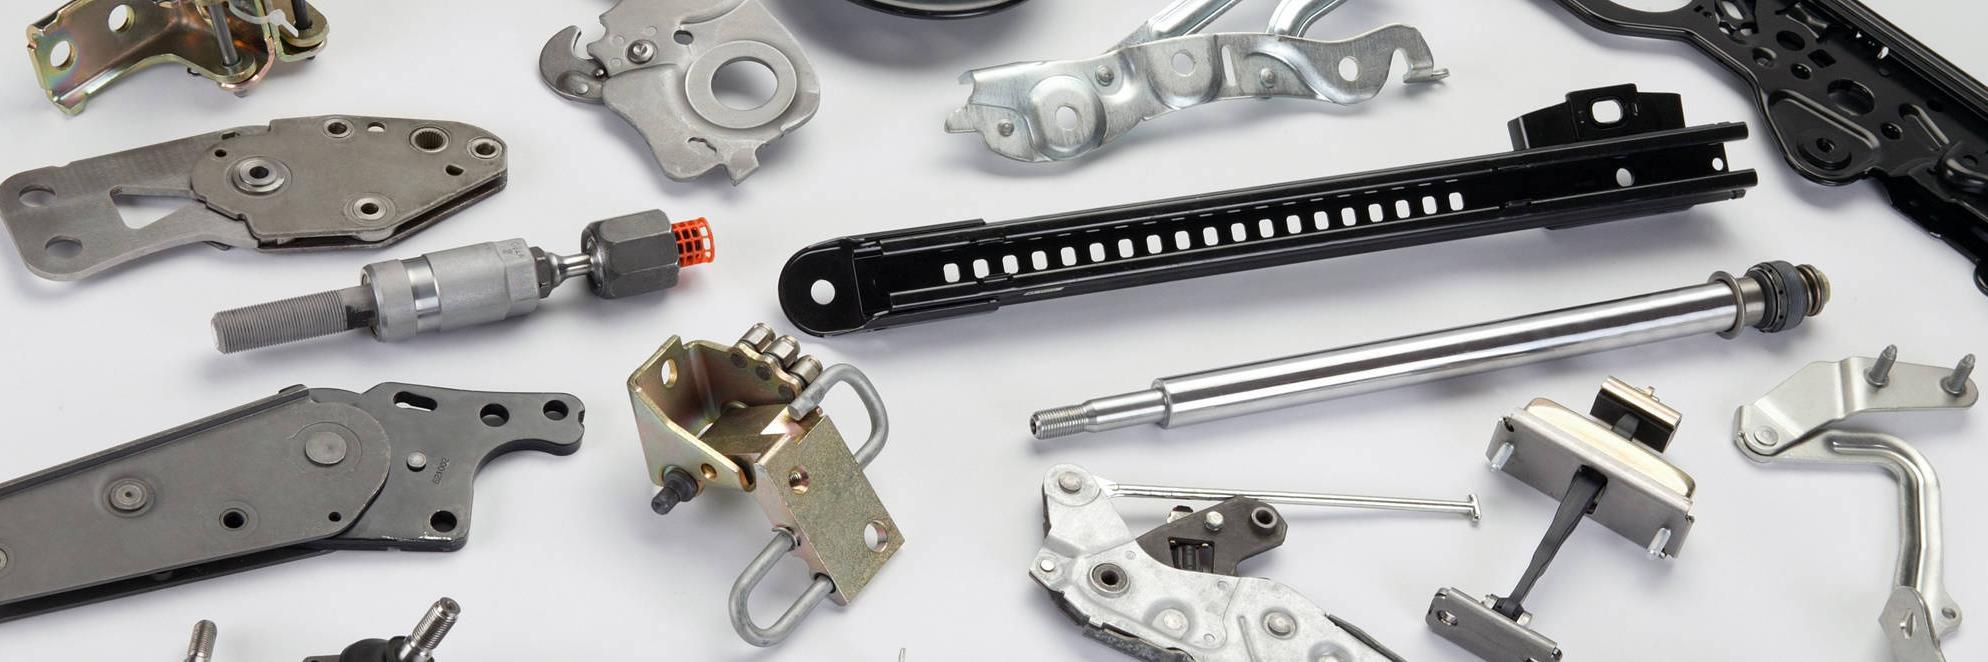 Componentes de automoción ensamblados